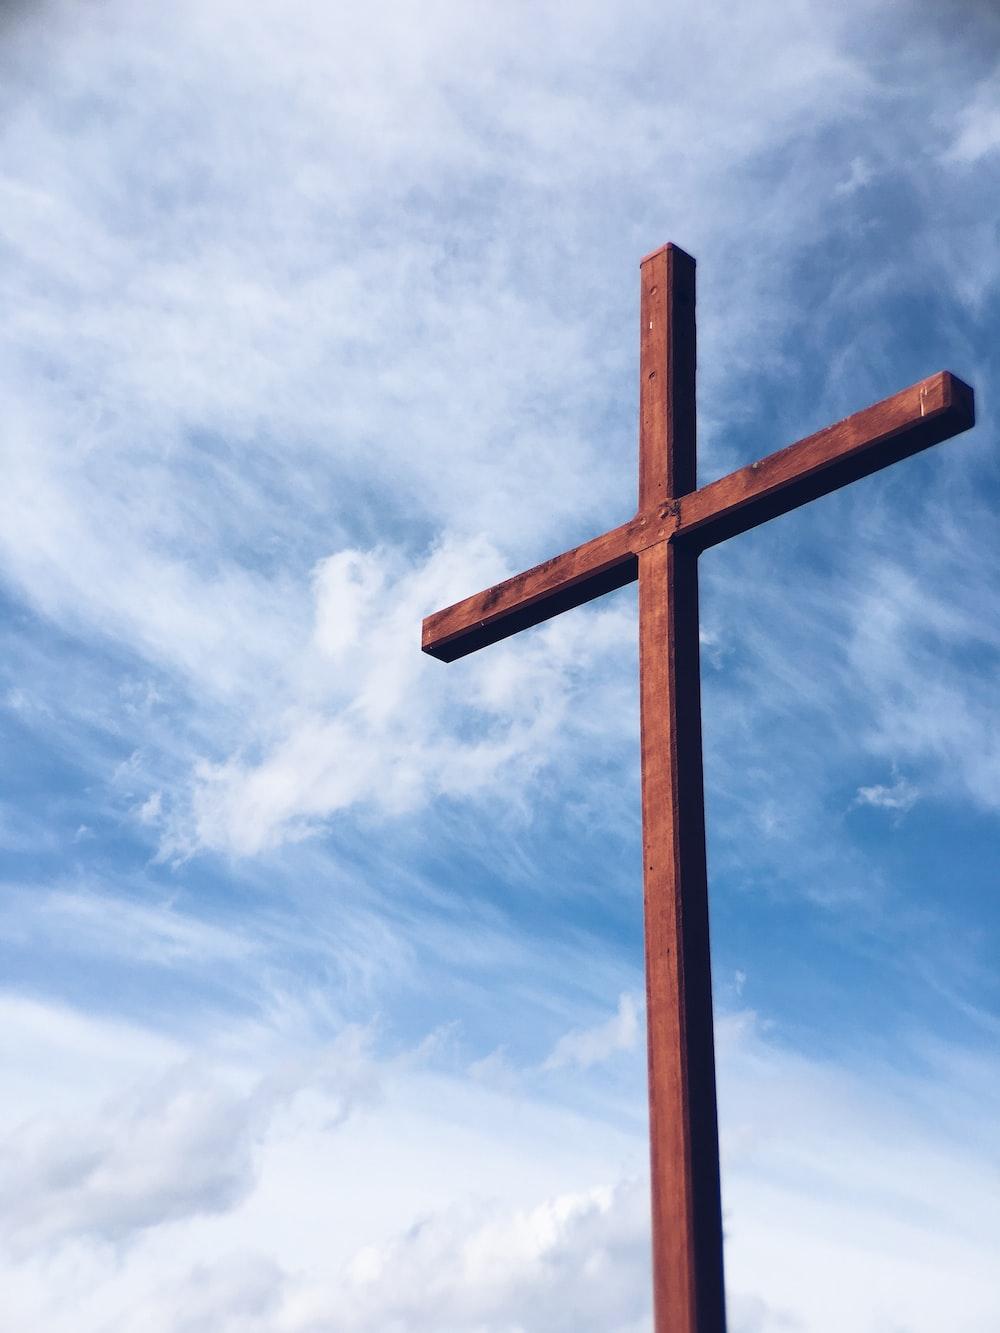 a brown wooden cross